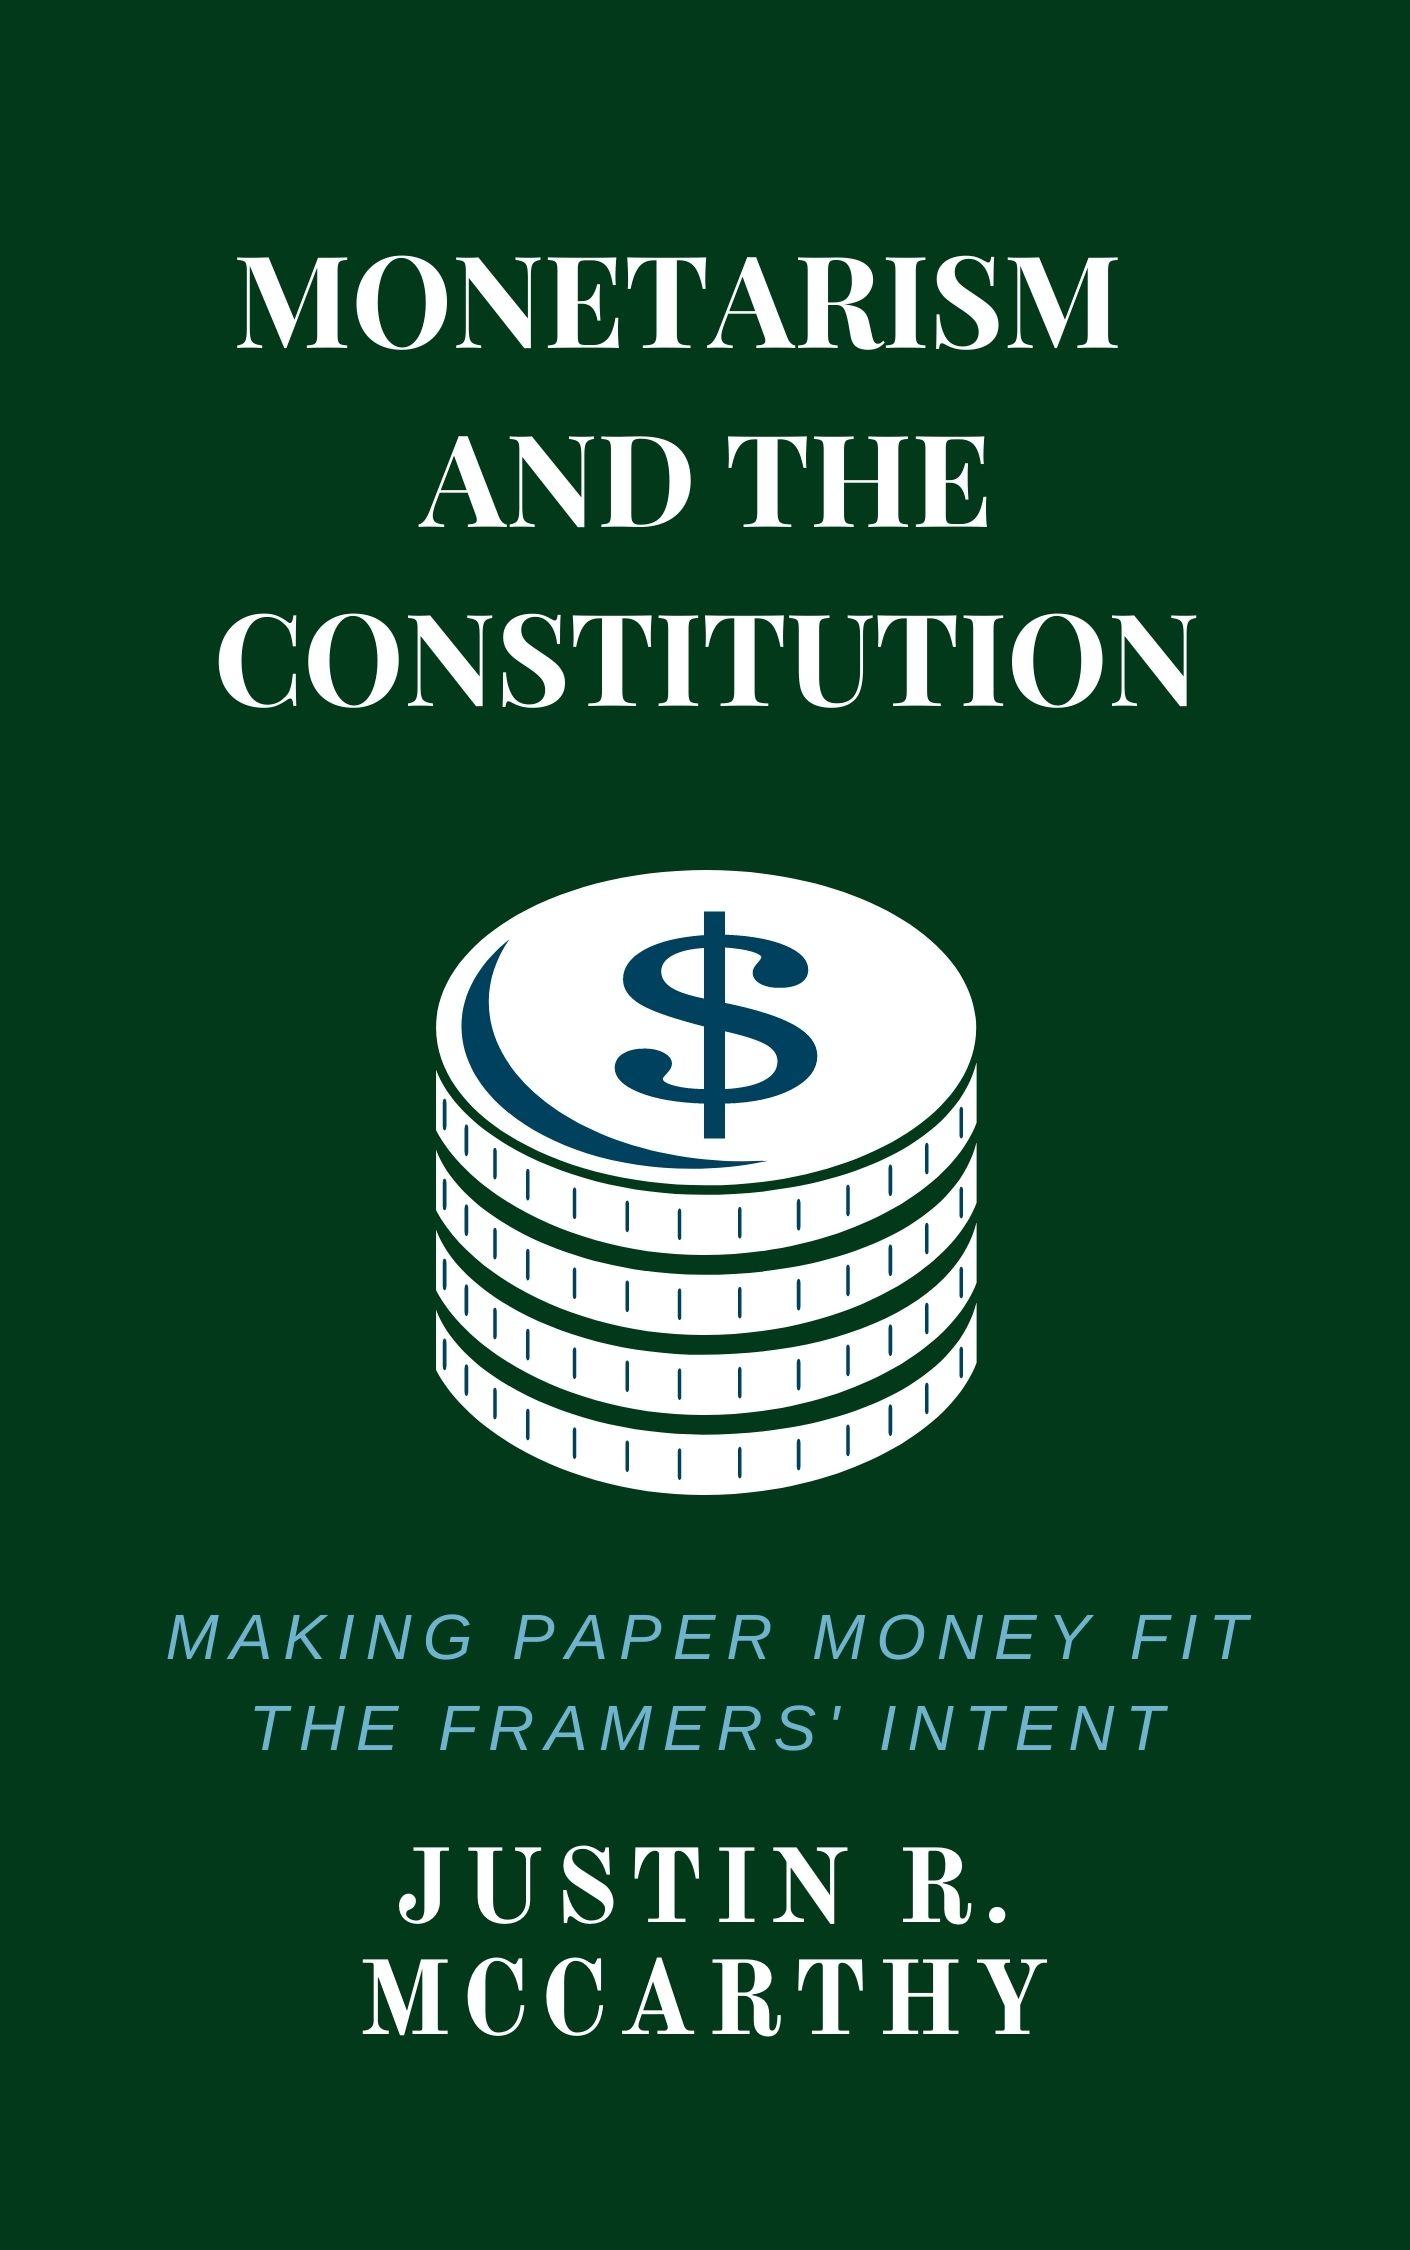 Monetarism & the Constitution